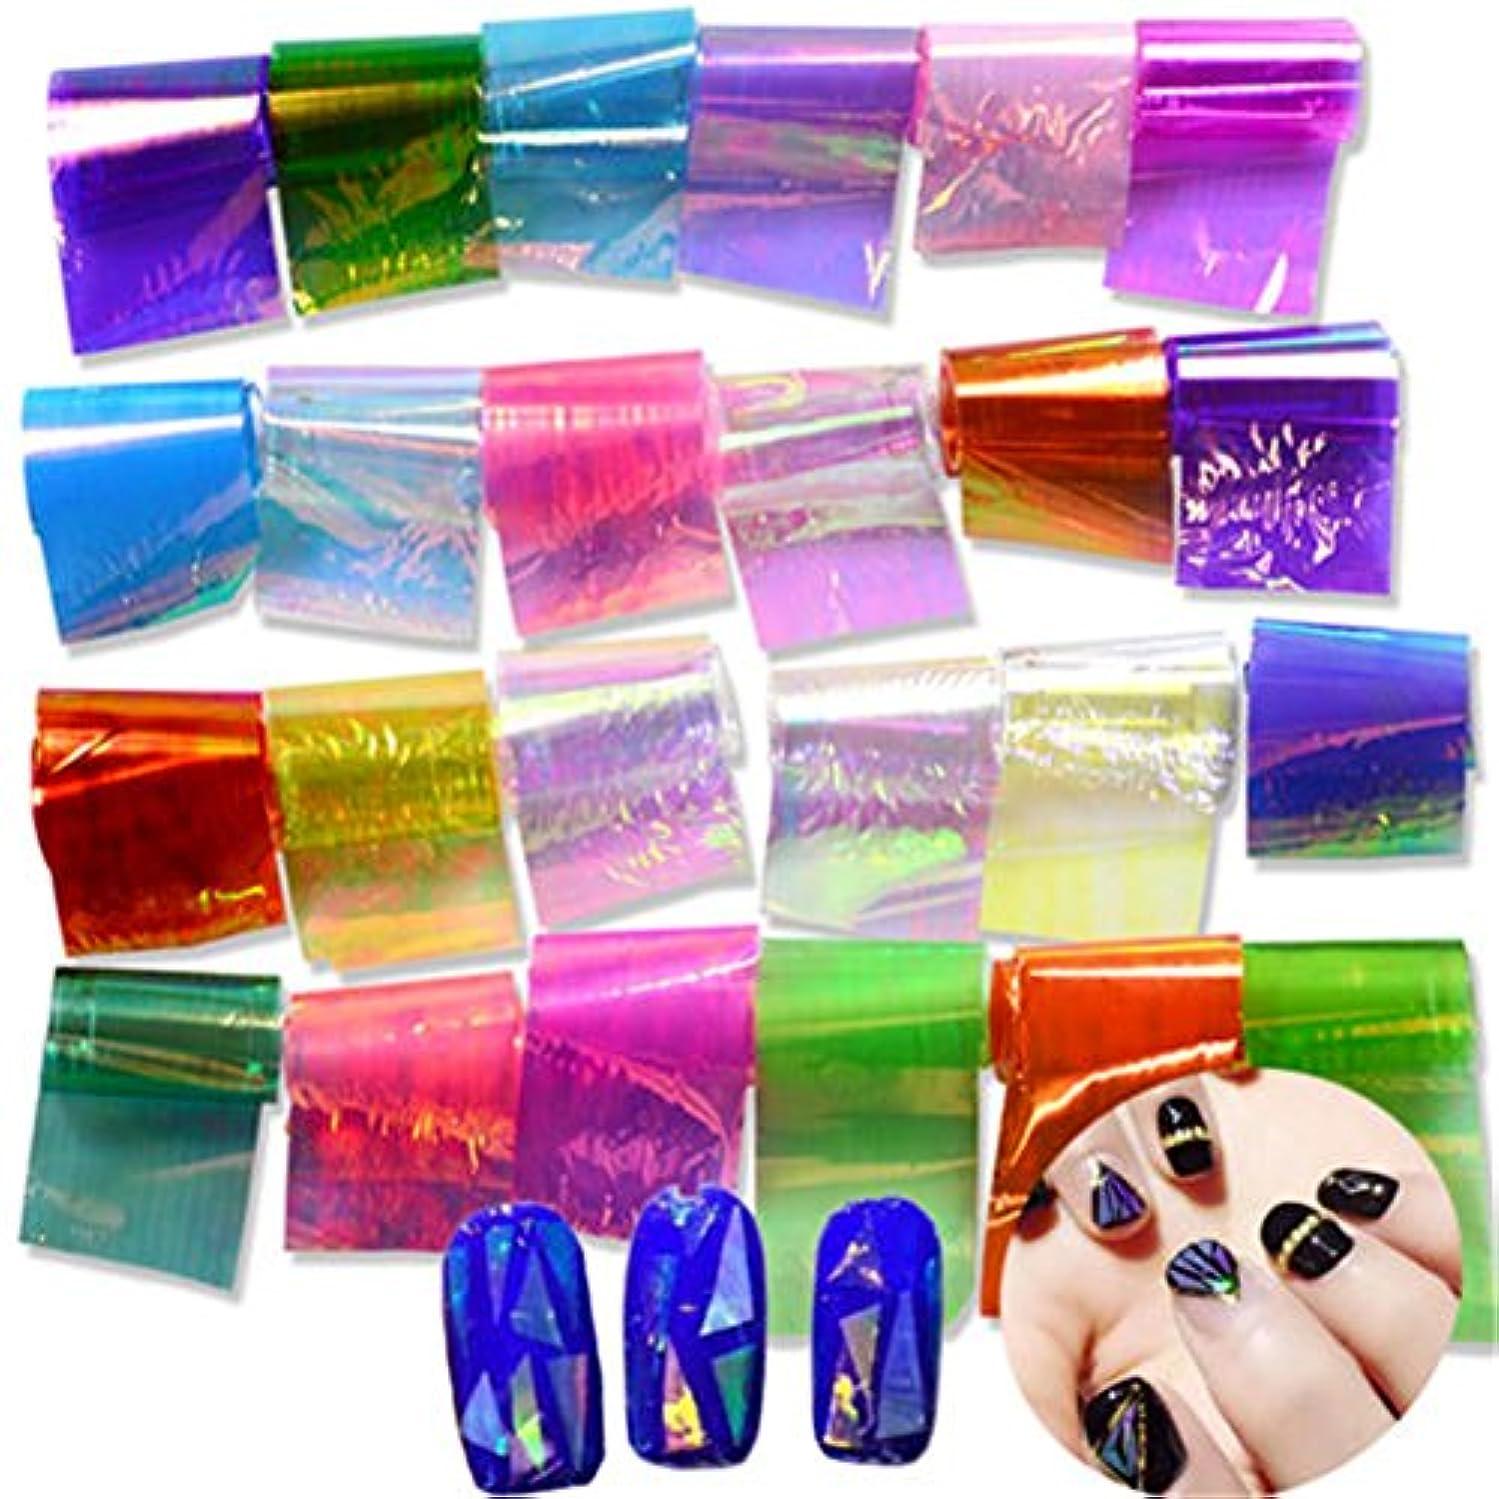 重要許す解釈Artlalic 20枚の3Dホログラフィー壊れたガラスフォイル指のネイルアートミラーステッカー爪のためのステンシルデカールDIYのマニキュア